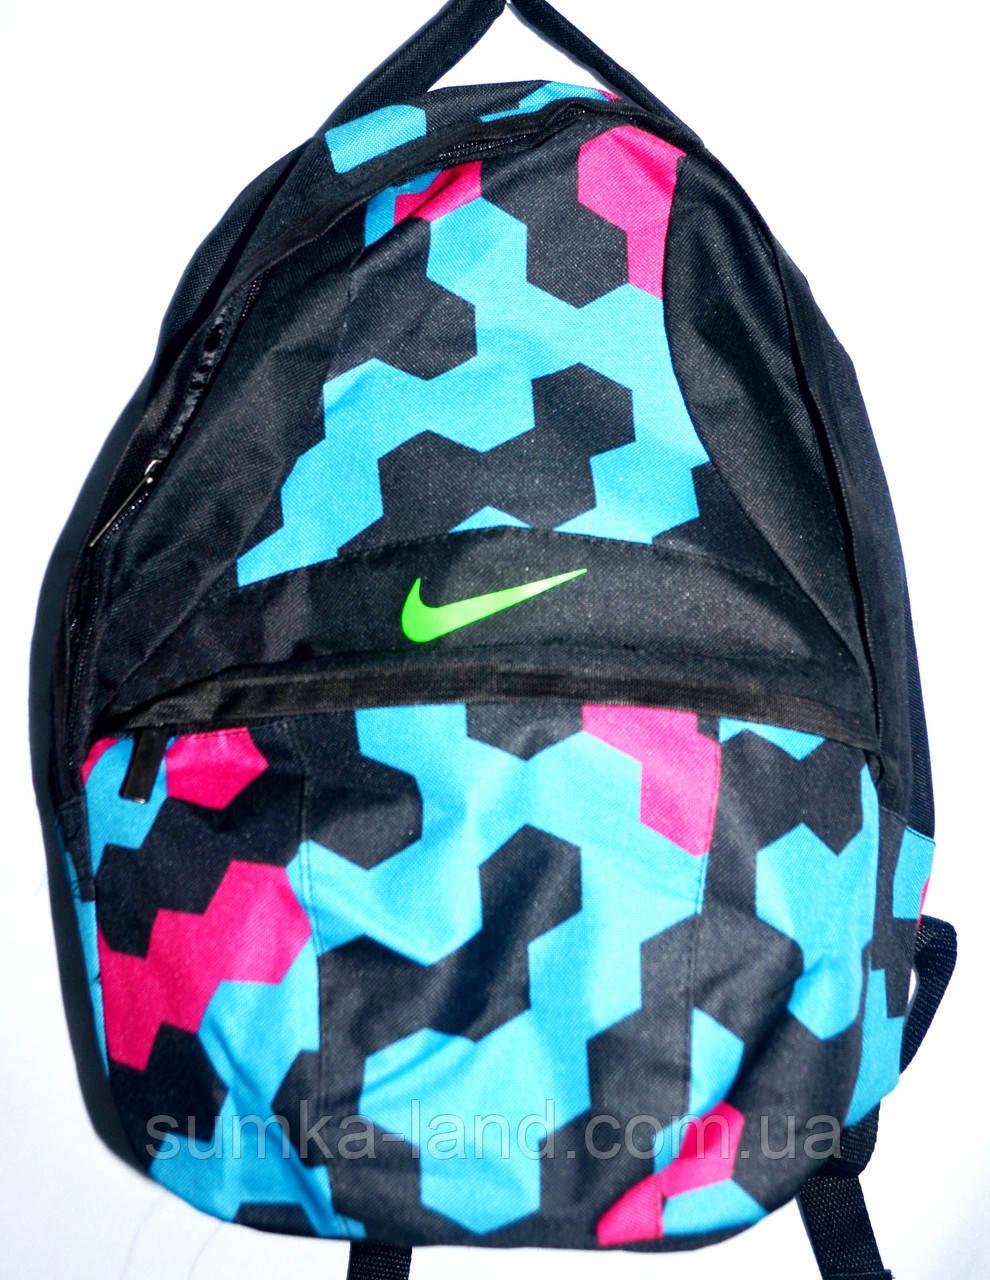 Спортивный цветной рюкзак Nike из текстиля 27*38 см